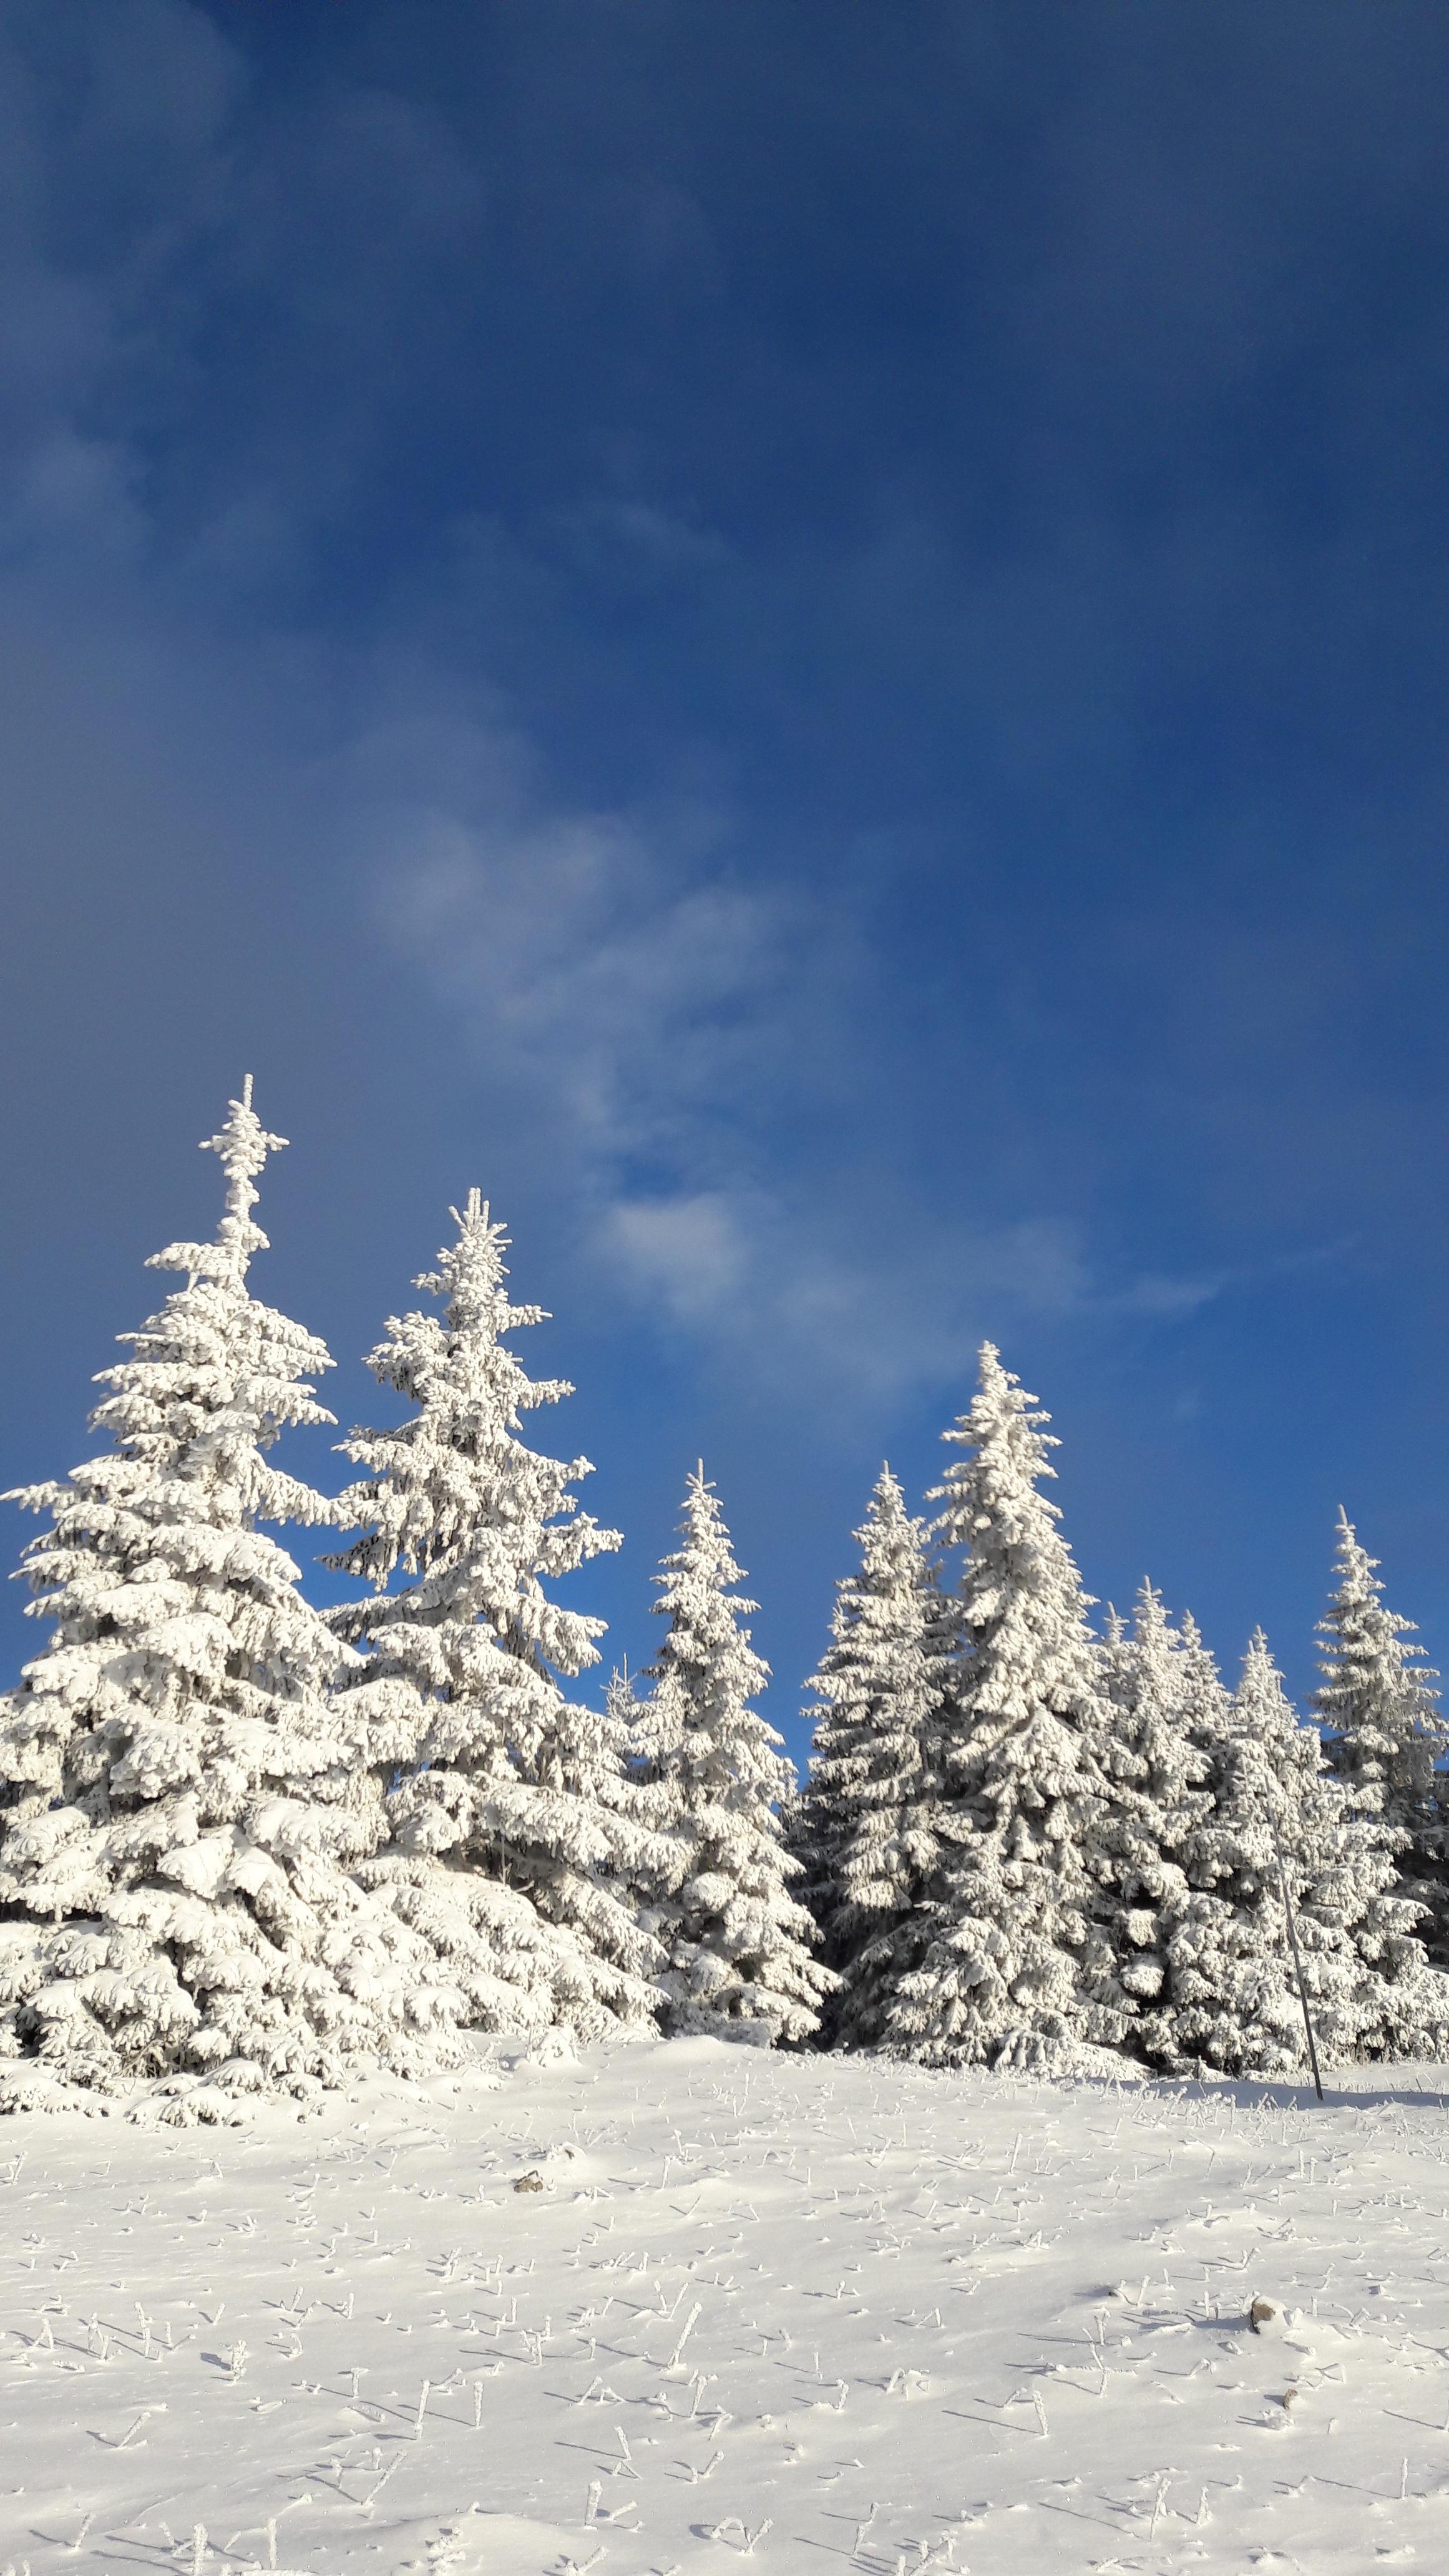 Images Gratuites Arbre La Nature Montagne Neige Hiver